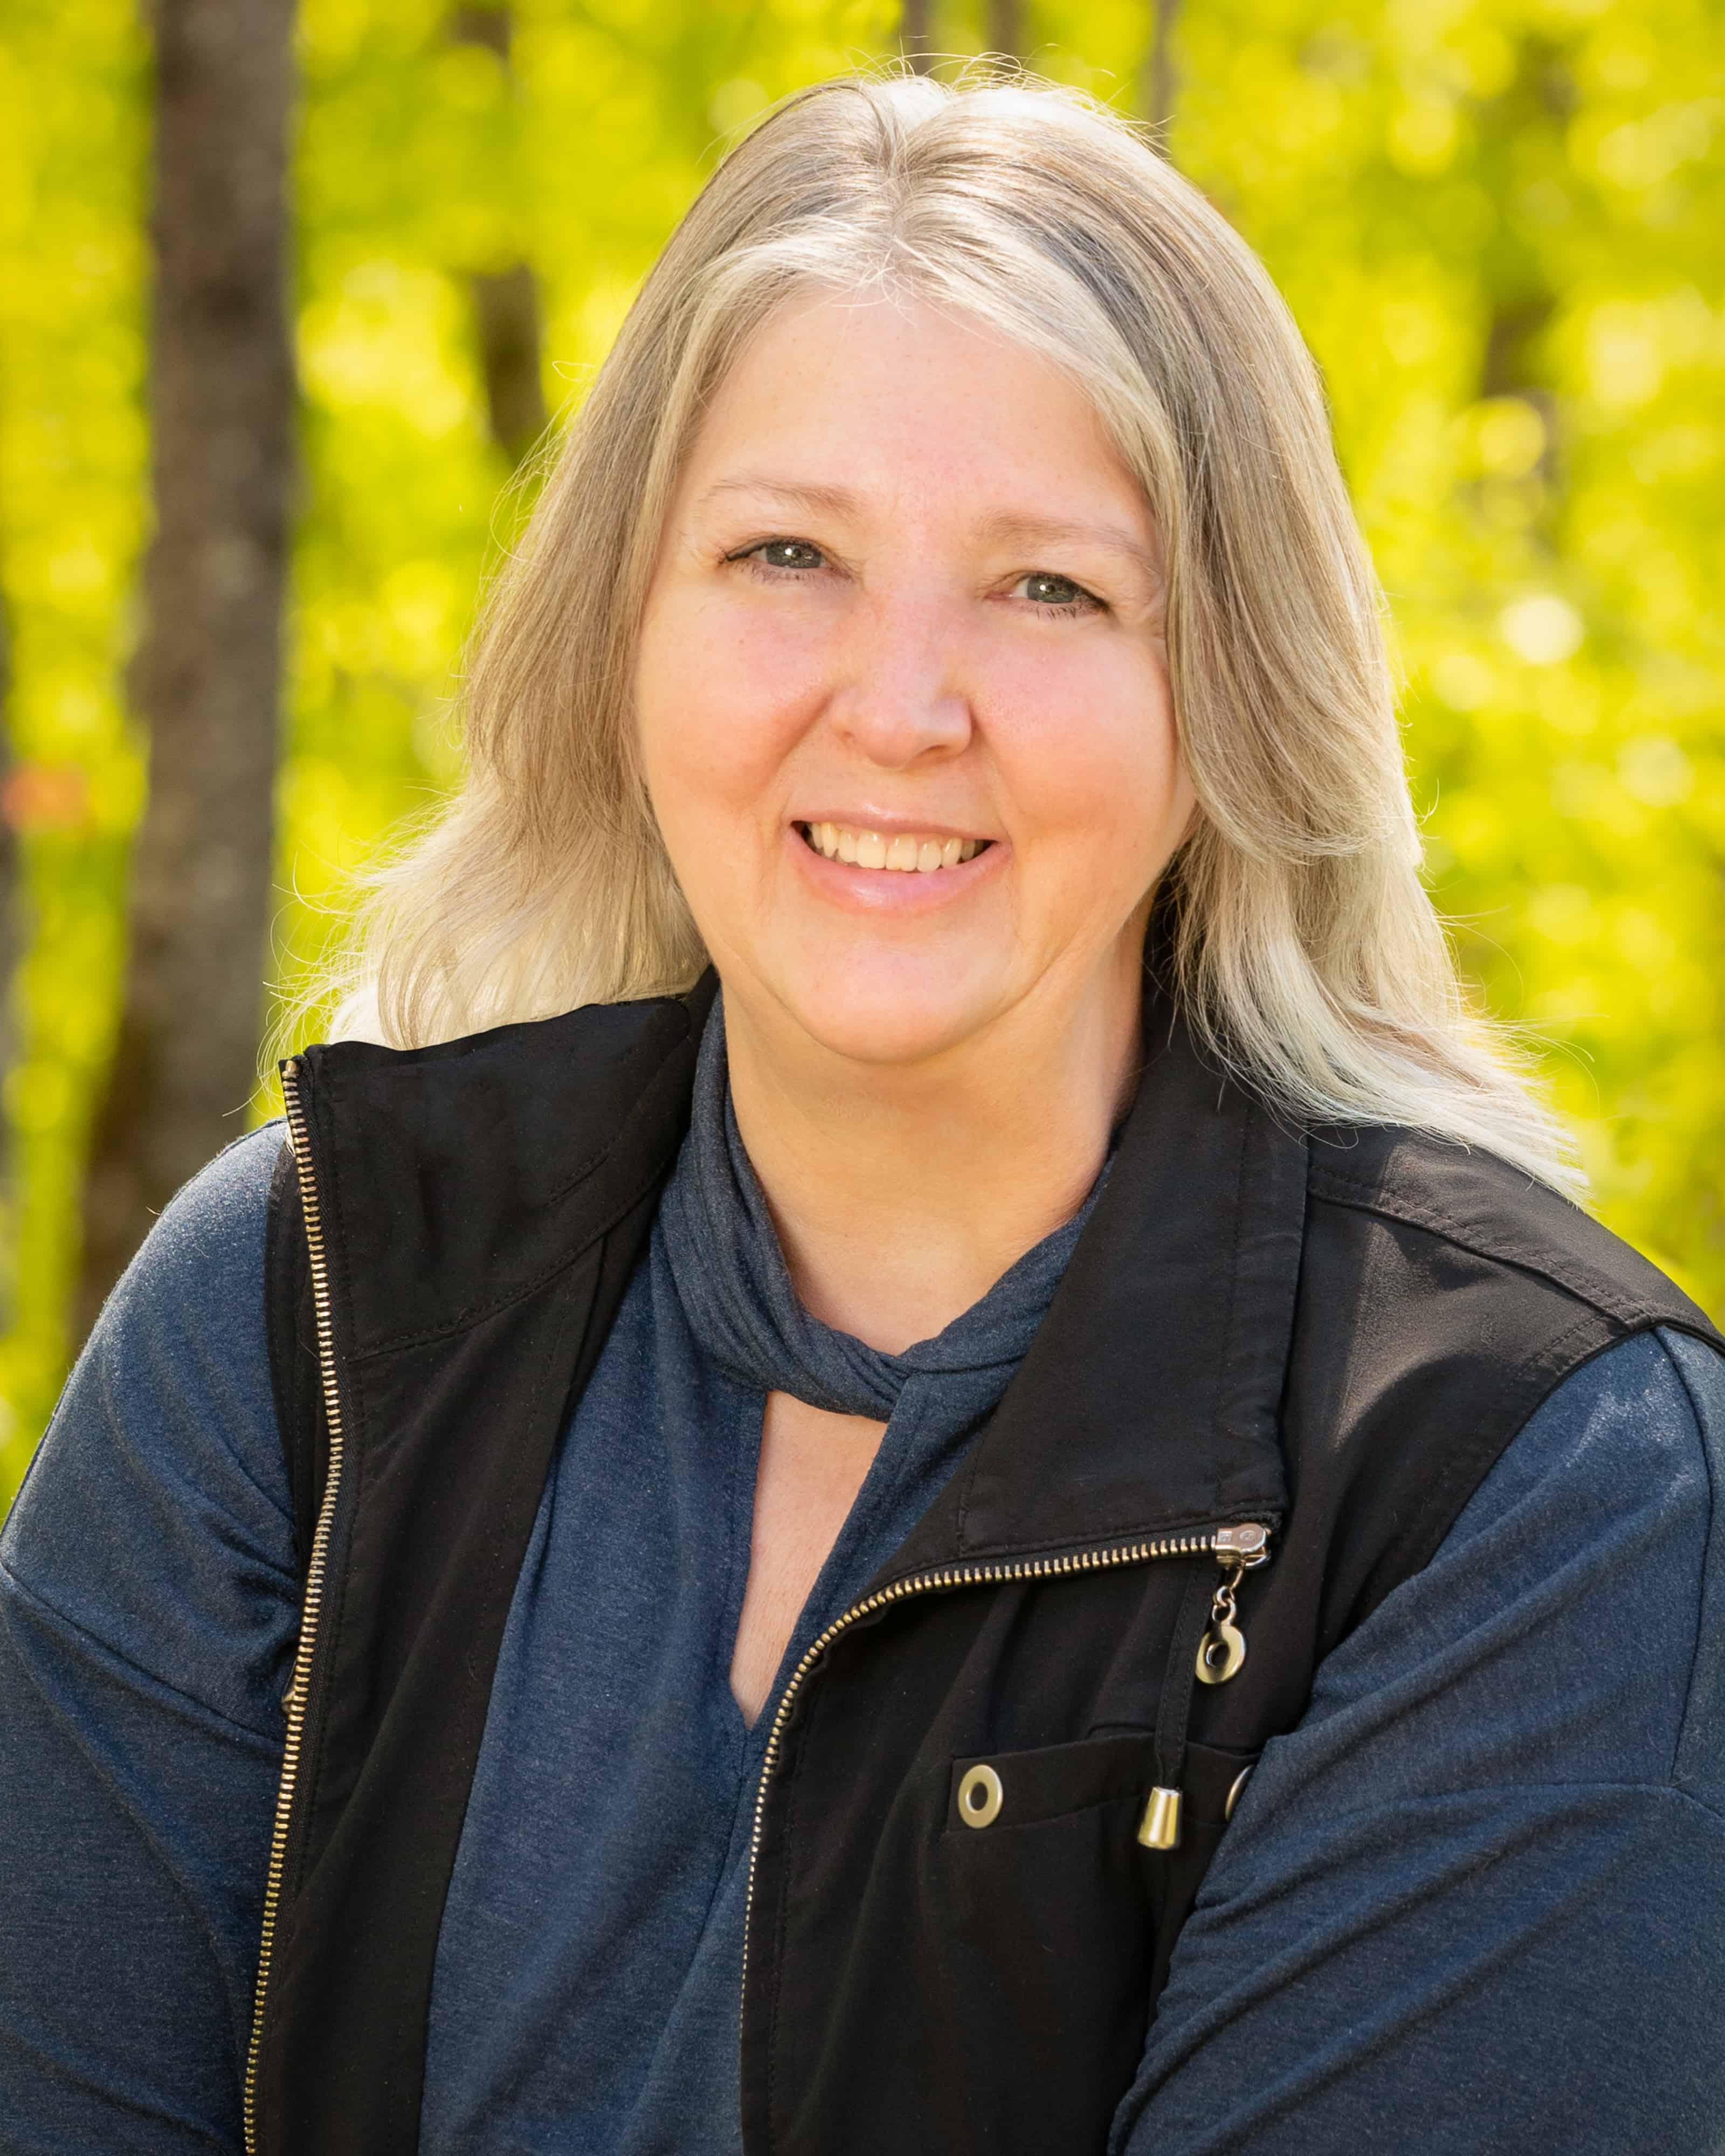 Vickie Shane